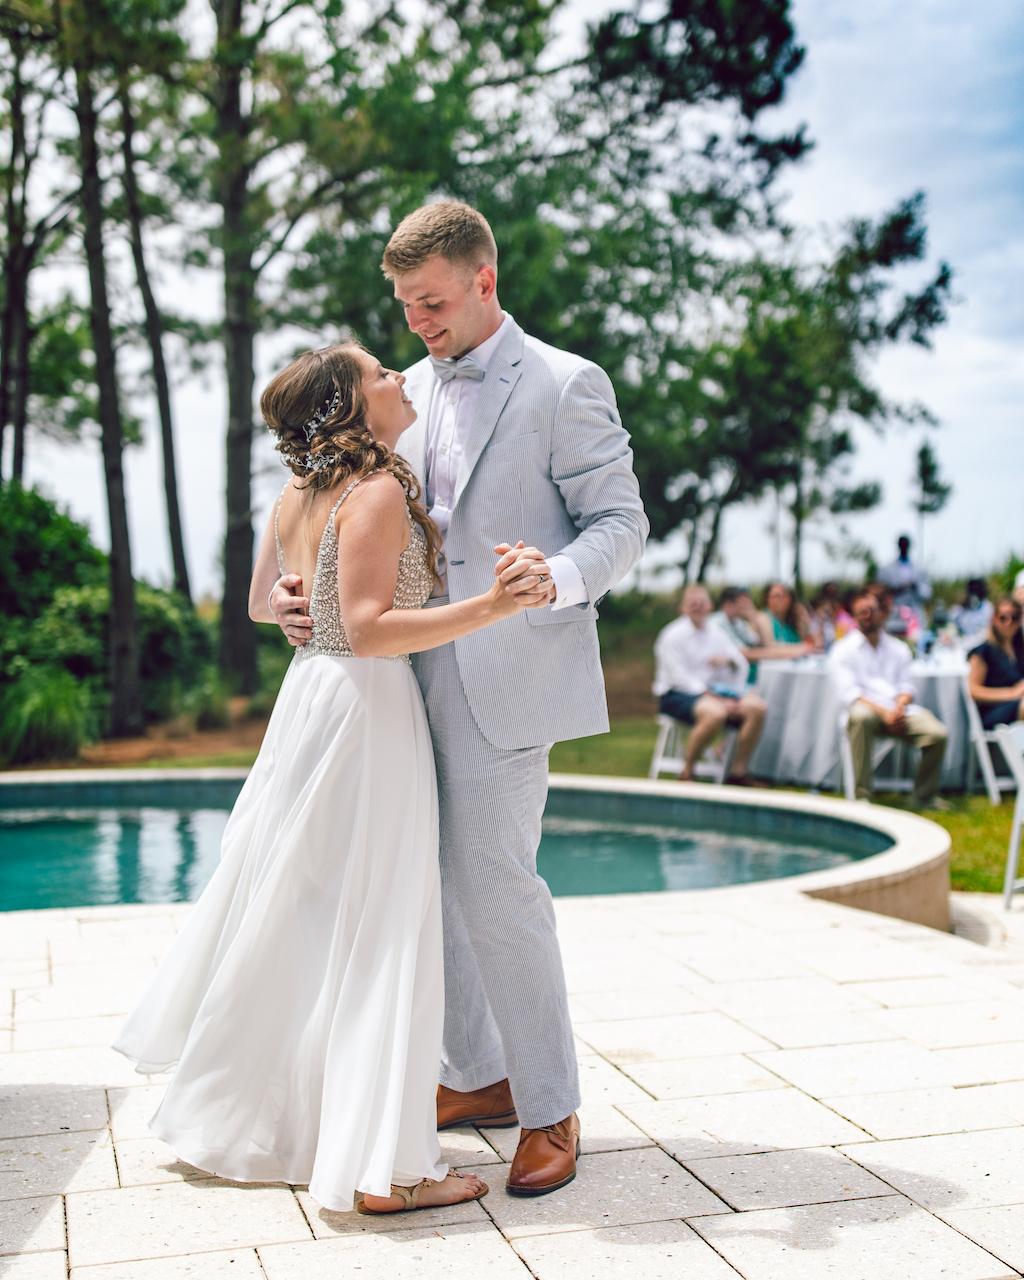 hilton-head-island-wedding-sc-reception249.jpg